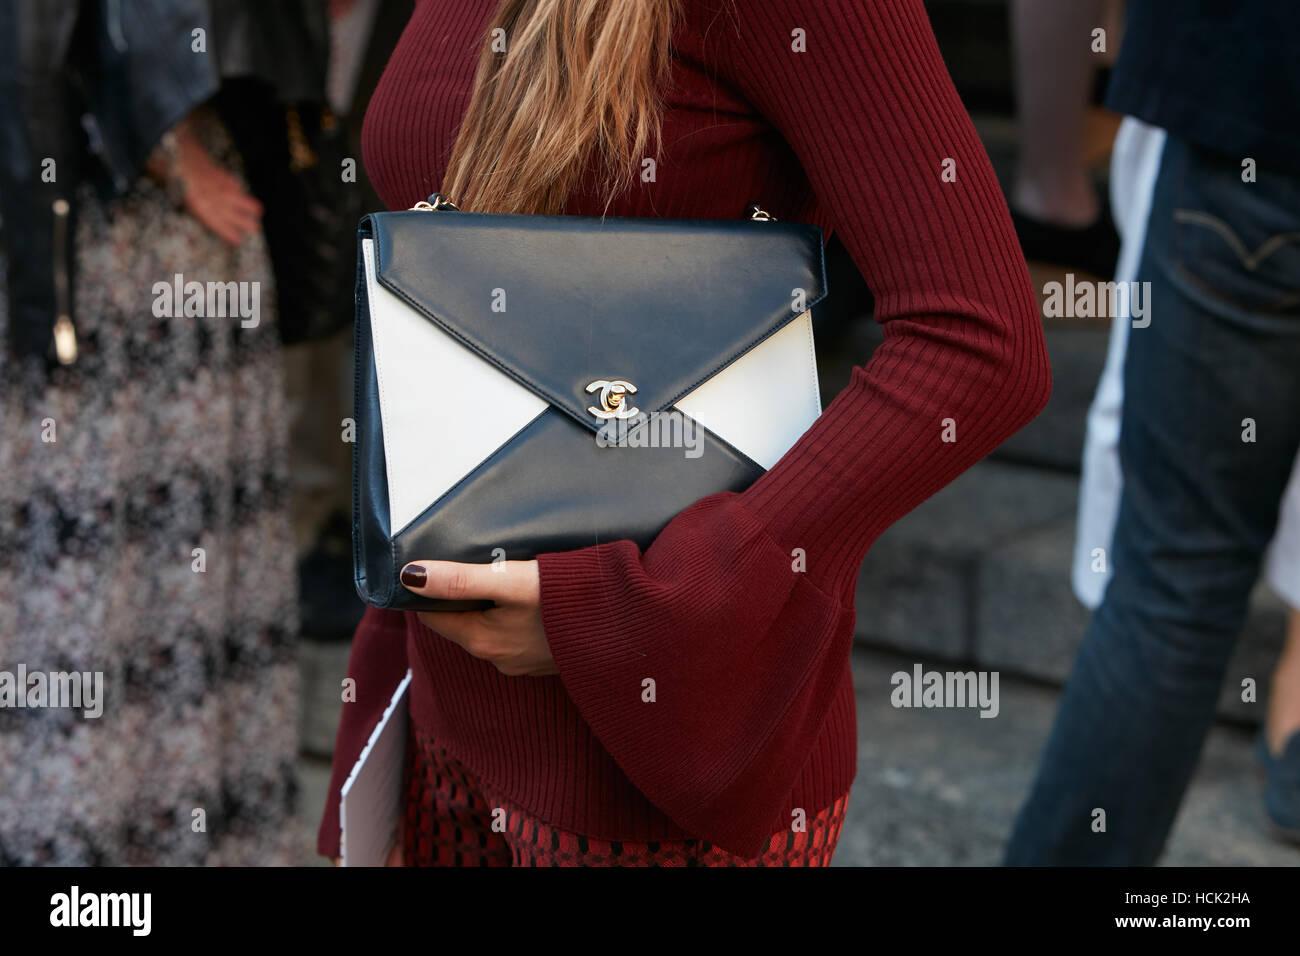 460cca369 Mujer con bolsa de Chanel en blanco y negro antes de Salvatore Ferragamo  Fashion Show,